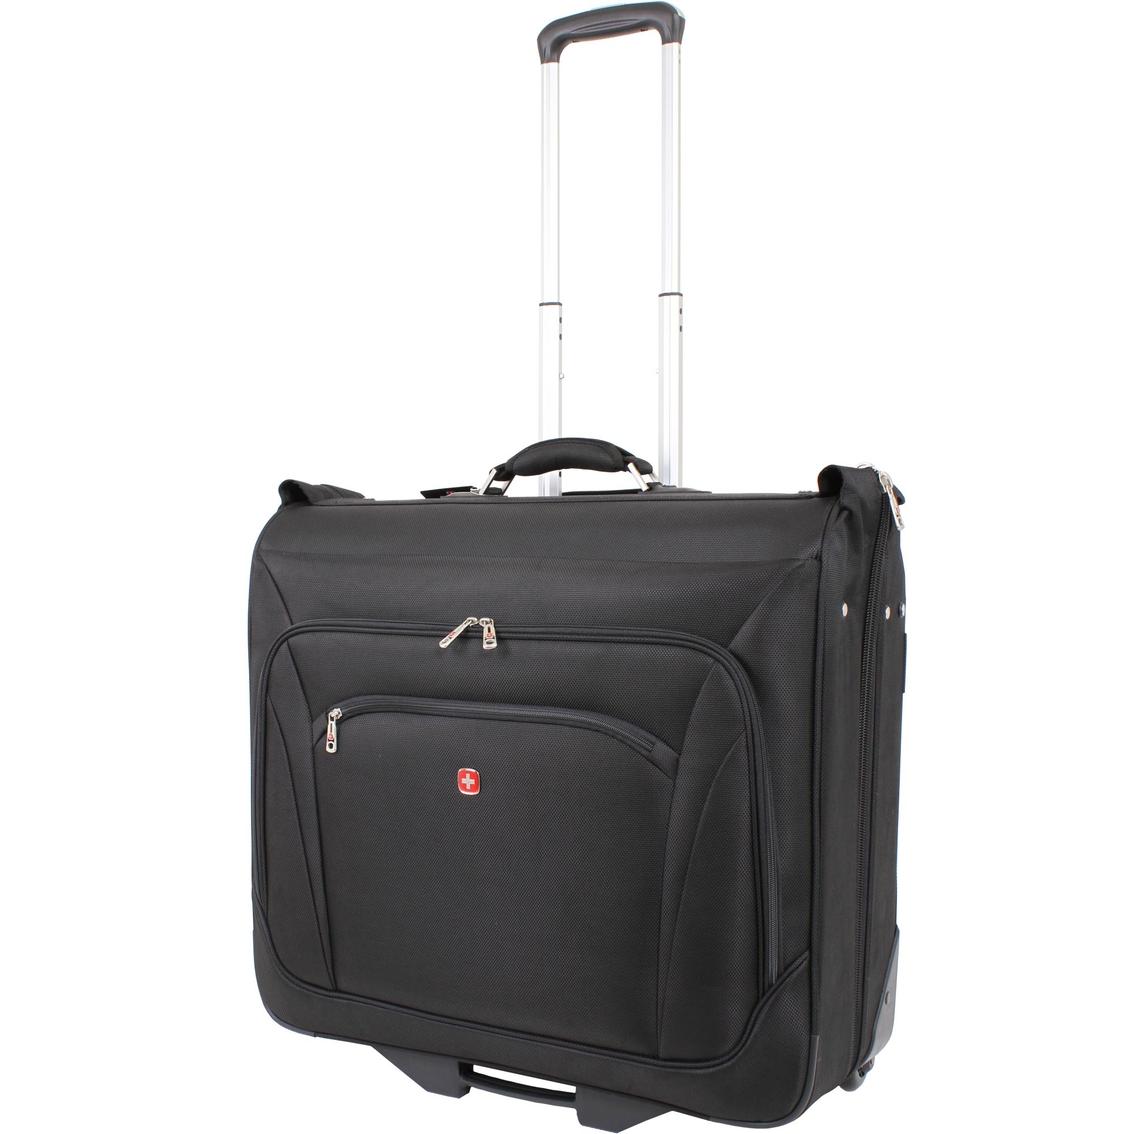 Swiss Gear Rolling Garment Bag Best Model Bag 2016